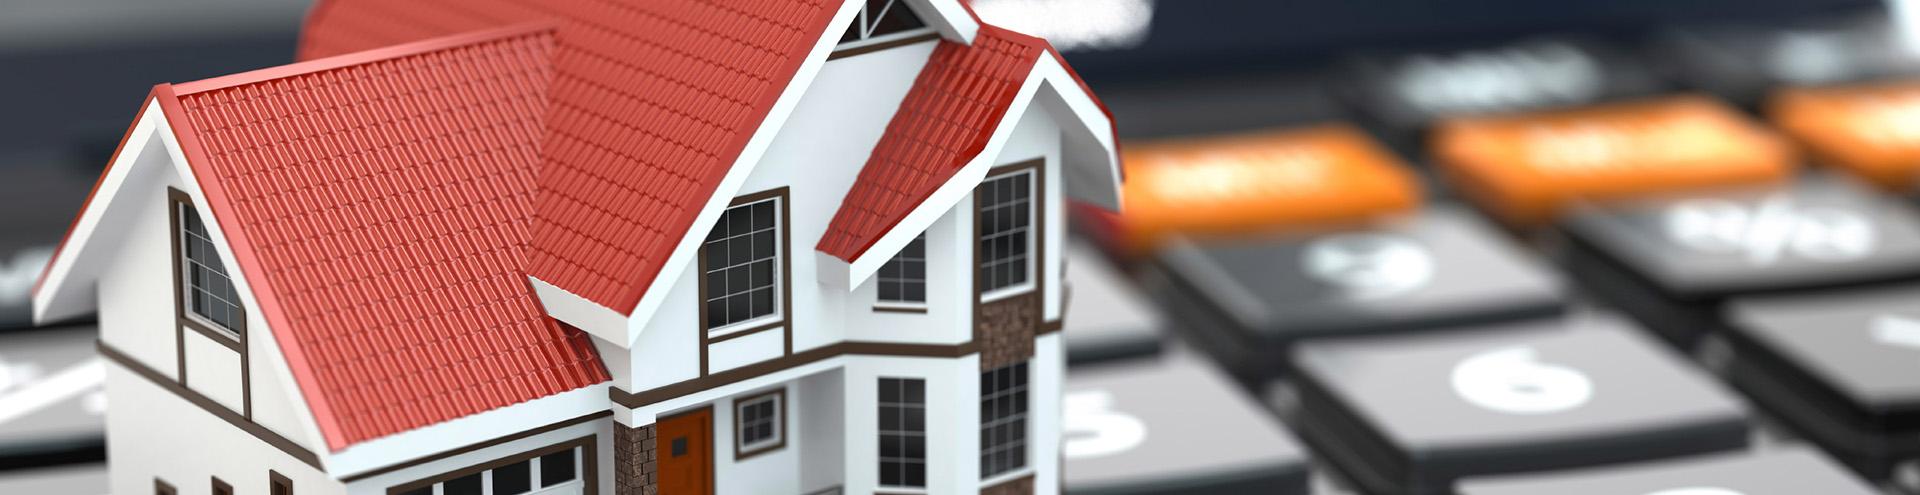 Оспаривание кадастровой стоимости недвижимости в Краснодаре и Краснодарском крае